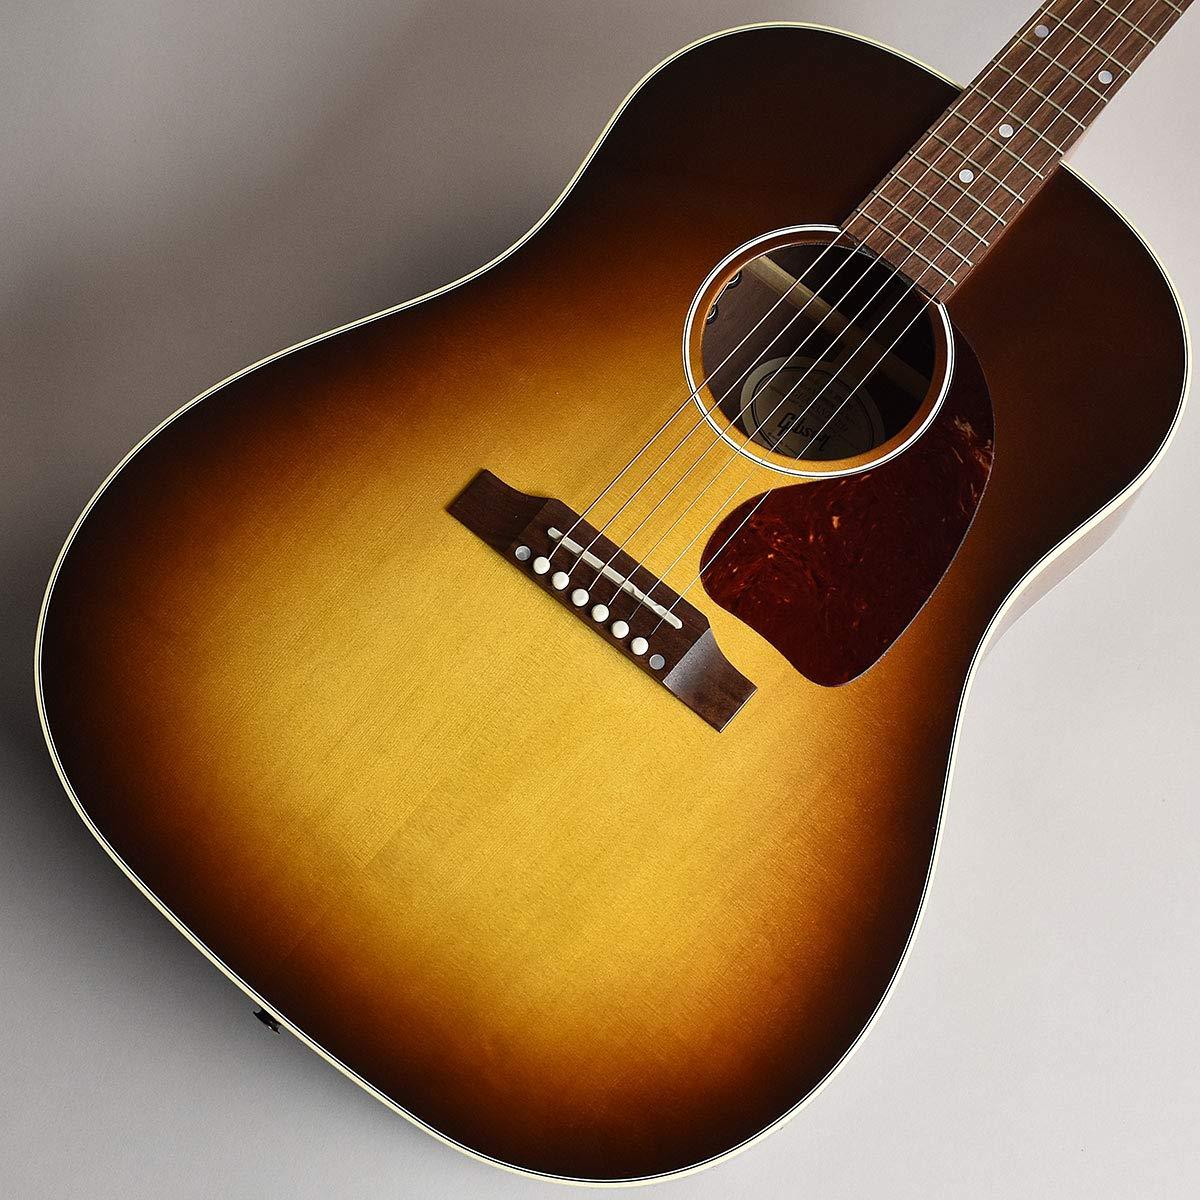 Gibson J-45 Studio 2019 Walnut Burst S/N:13408028 【限定モデル】 エレアコ ギブソン   B07P6NFWM5